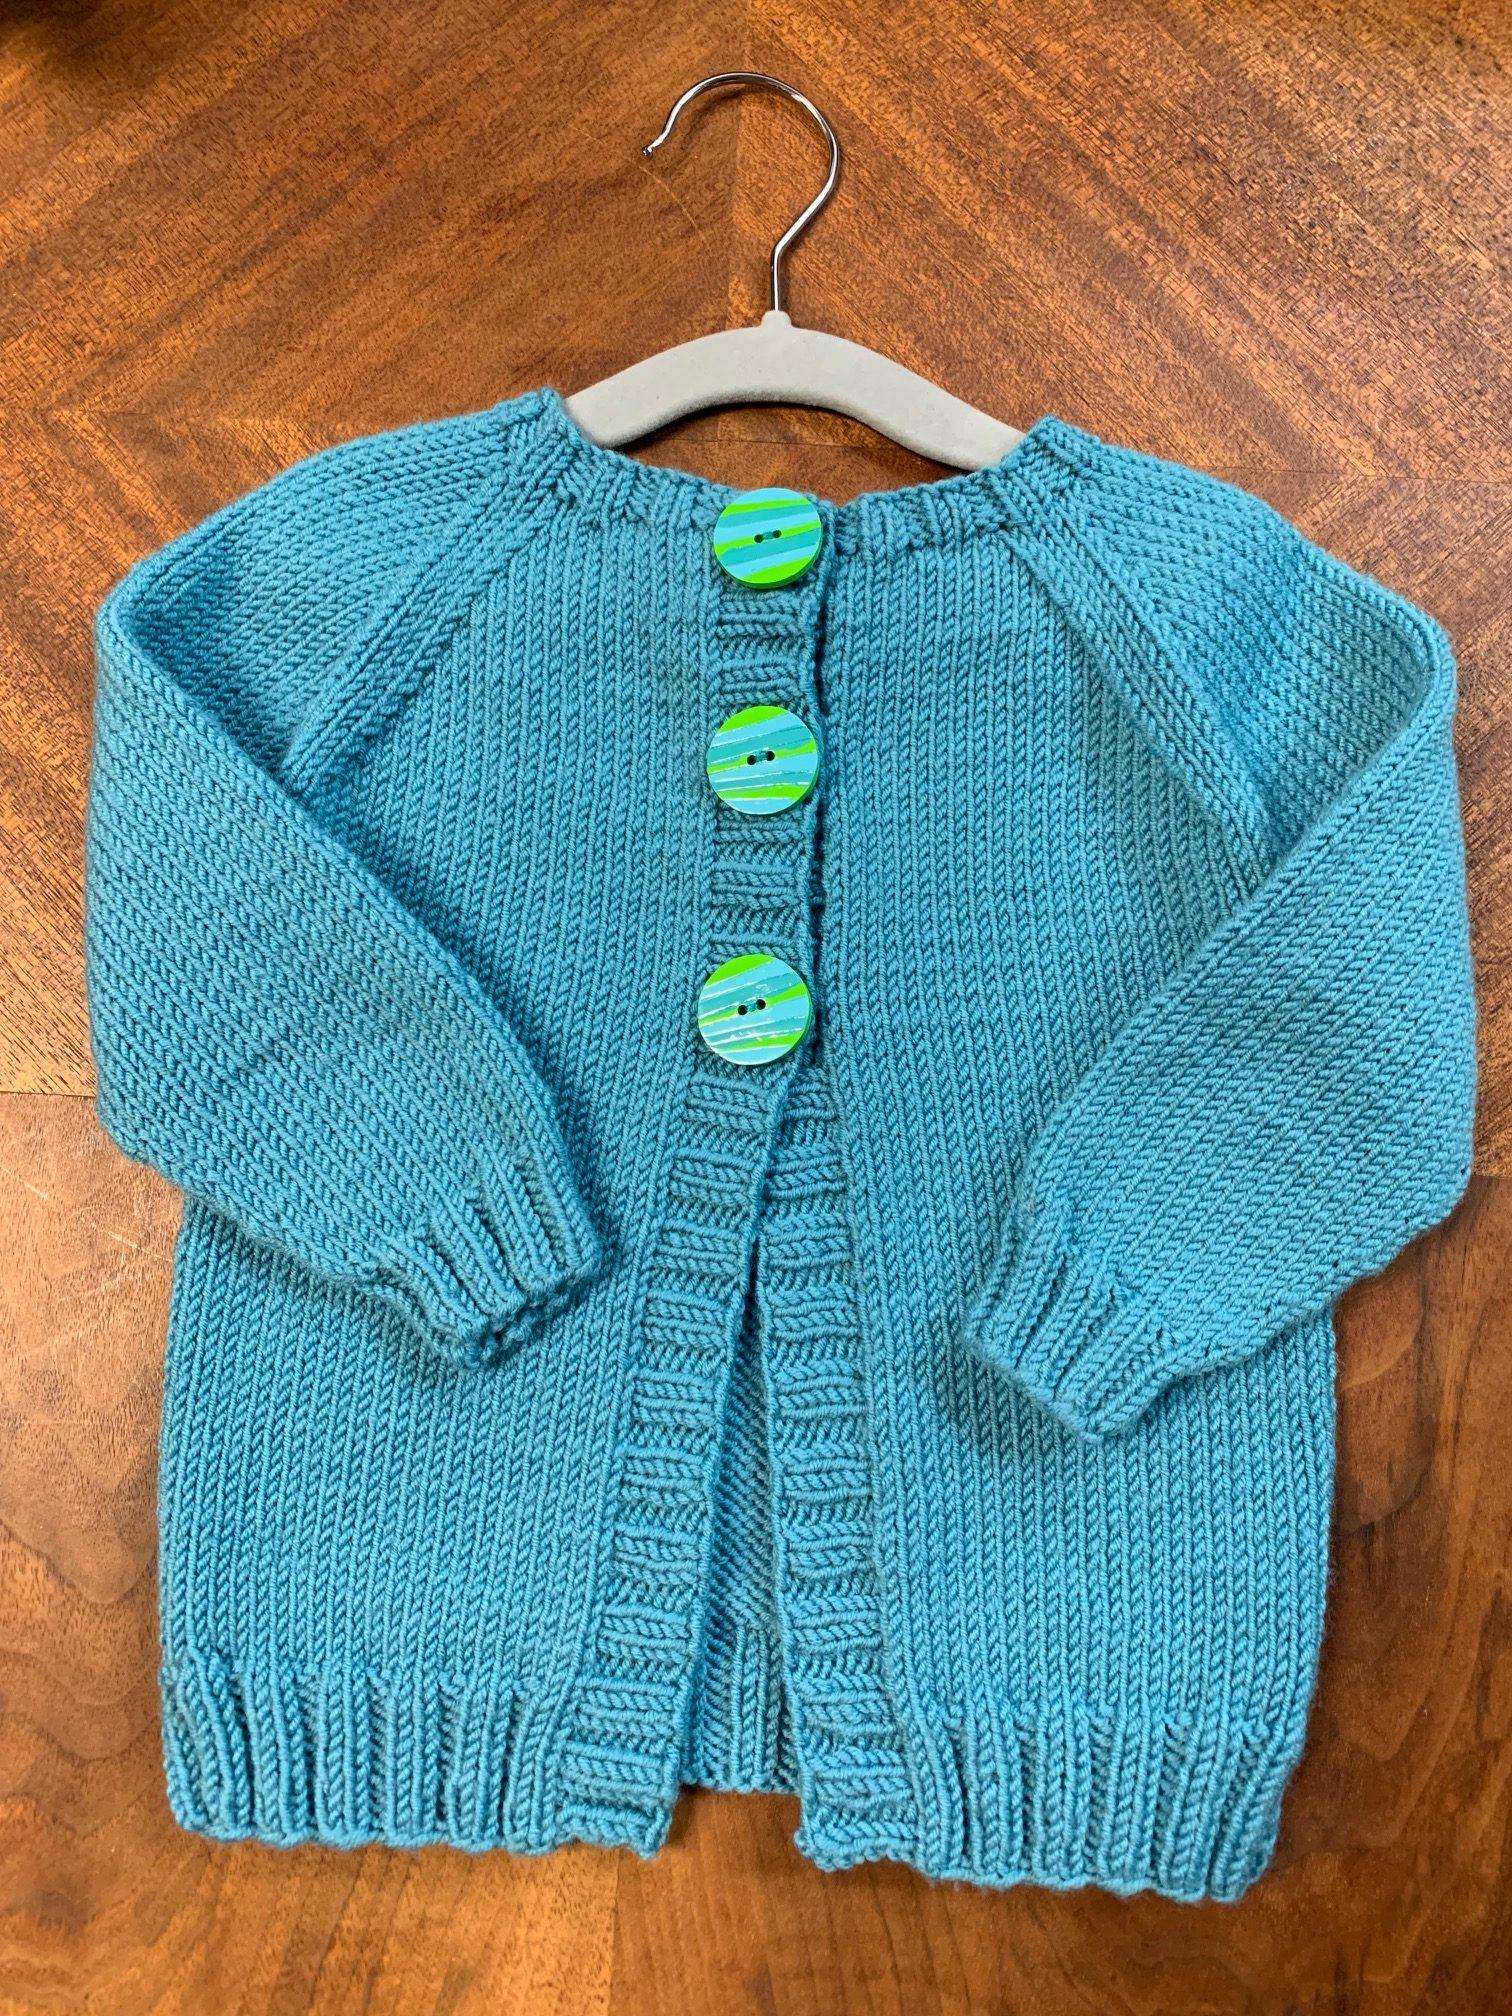 ImagiKnit Yarn Shop Omaha Baby Sweater Class